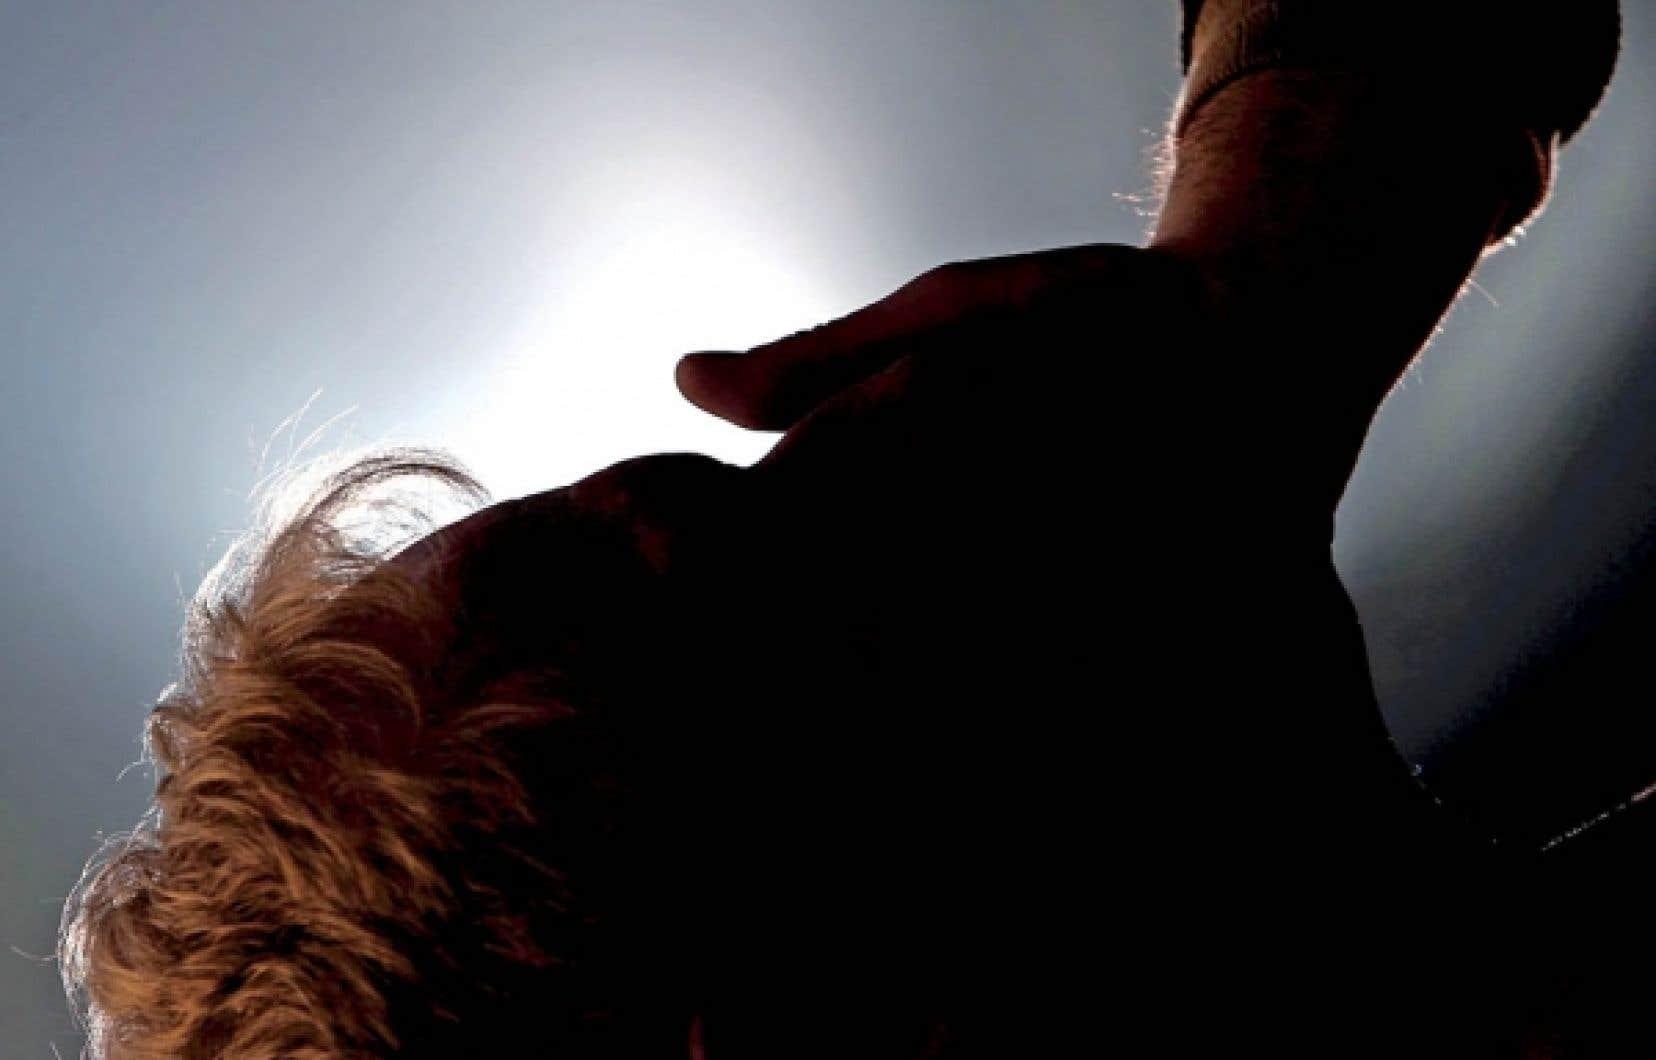 En fin de vie, nous sommes tous semblables par notre d&eacute;nuement. Nous sommes fragiles et nous craignons de souffrir. C&rsquo;est notre lot &agrave; tous. <br />